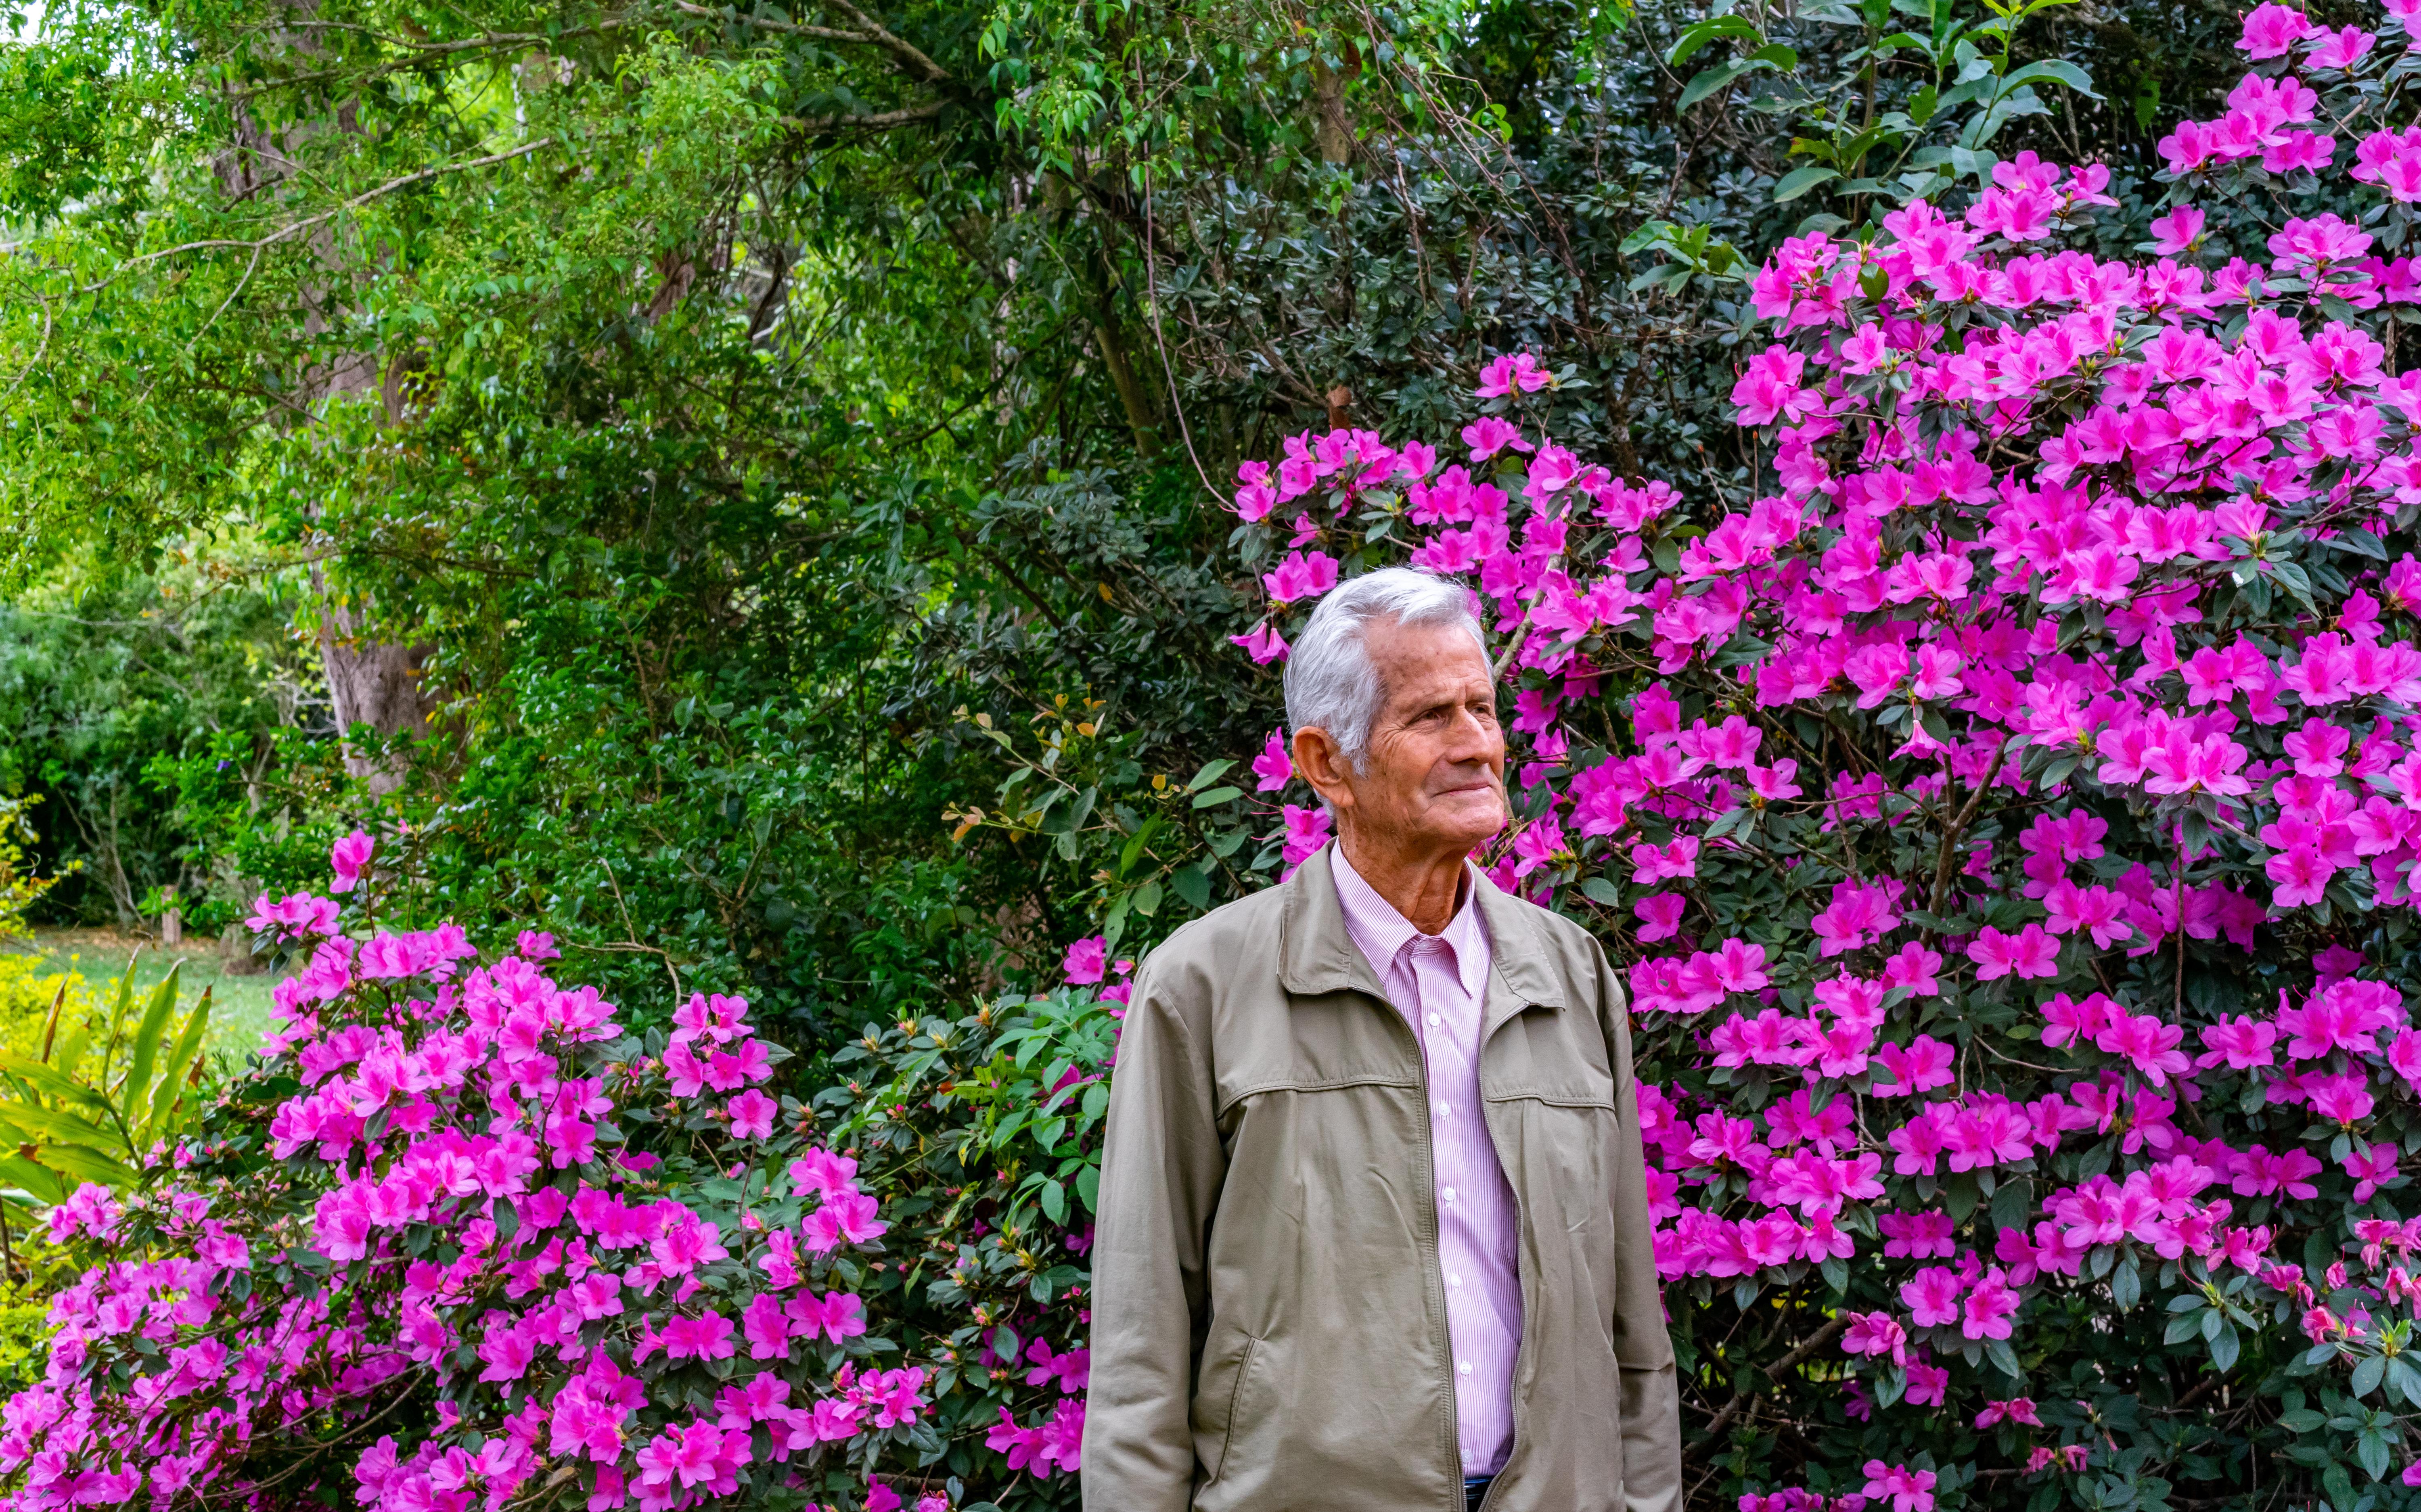 Un señor blanco está de pie, con un aspecto tranquilo, ligeramente vuelto hacia su izquierda. Tiene cabello blanco, lleva una camisa rosa clara y, encima, una chaqueta gris. En la imagen aparece solo su parte superior. Atrás de él, hay flores de color rosado y otras hojas verde oscuro y verde claro.